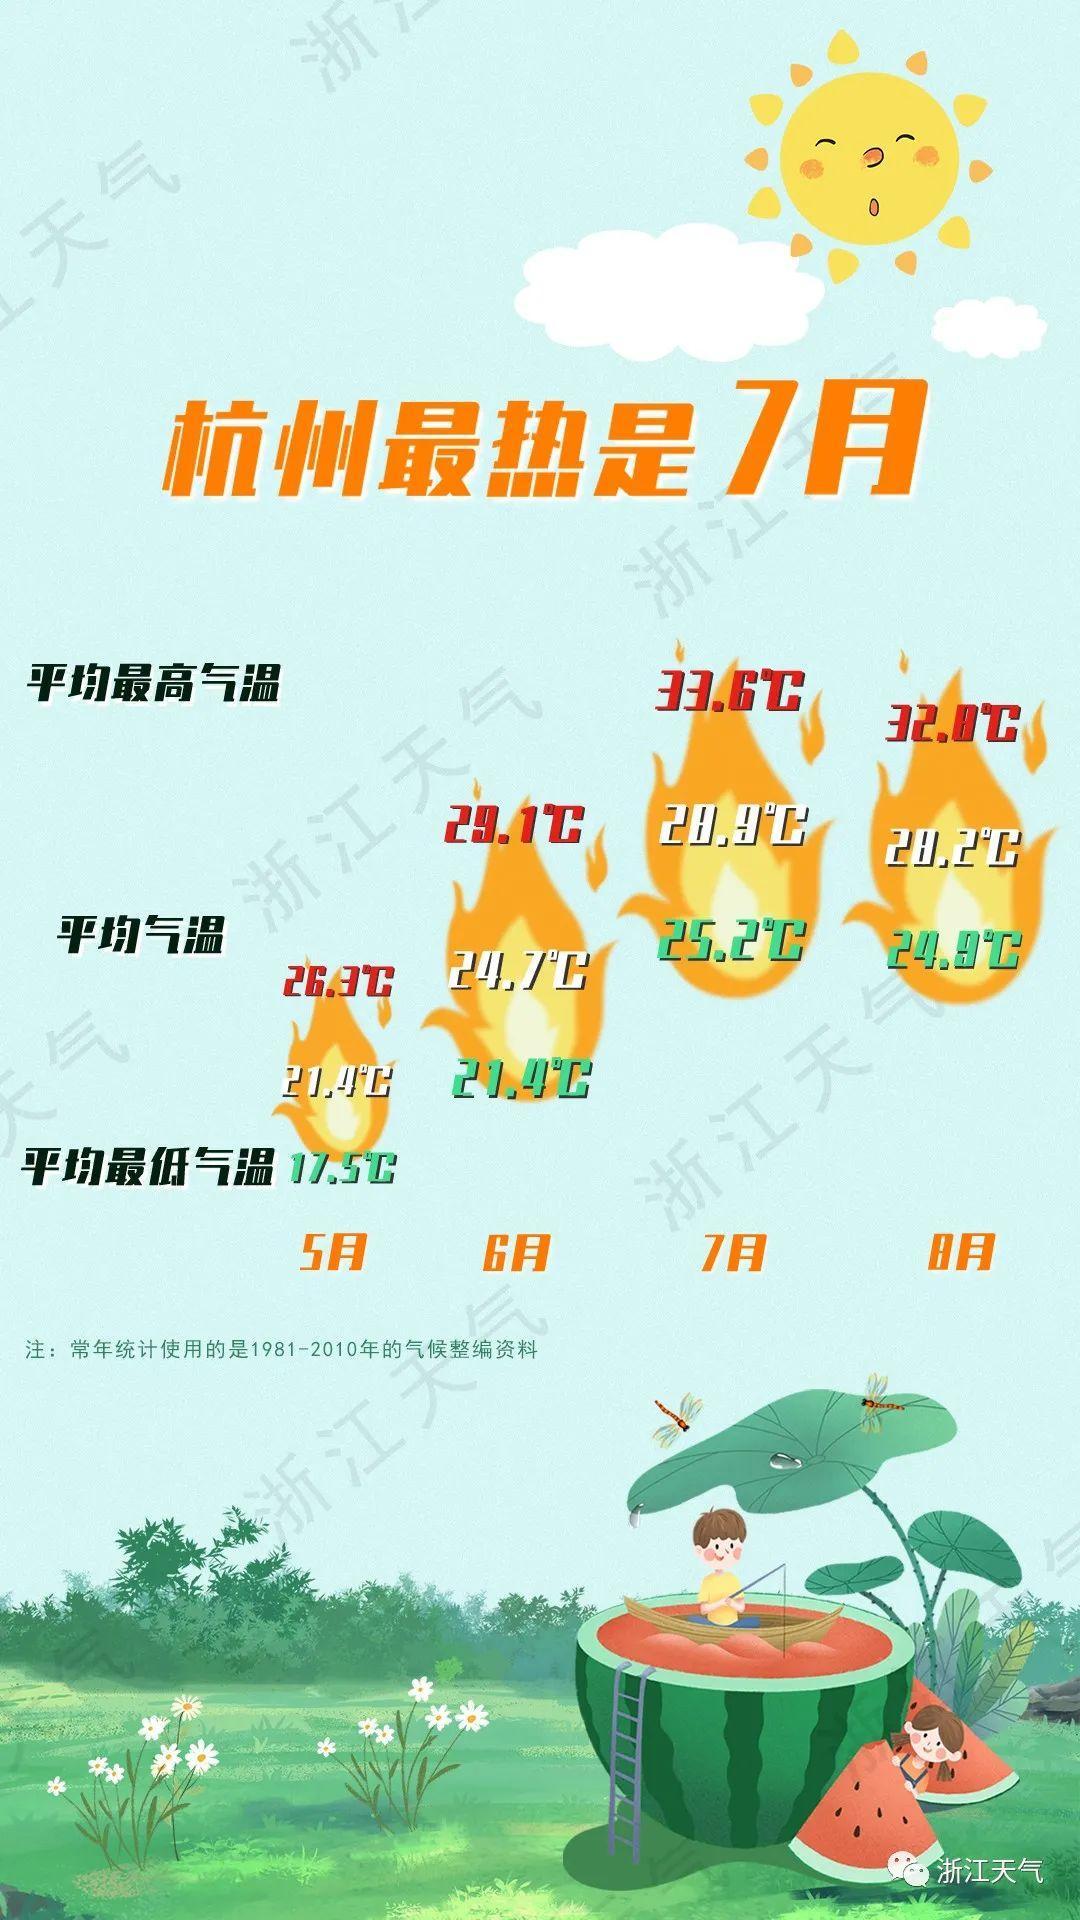 杭州今天正式入夏,雷雨、阵雨天气即将来临!